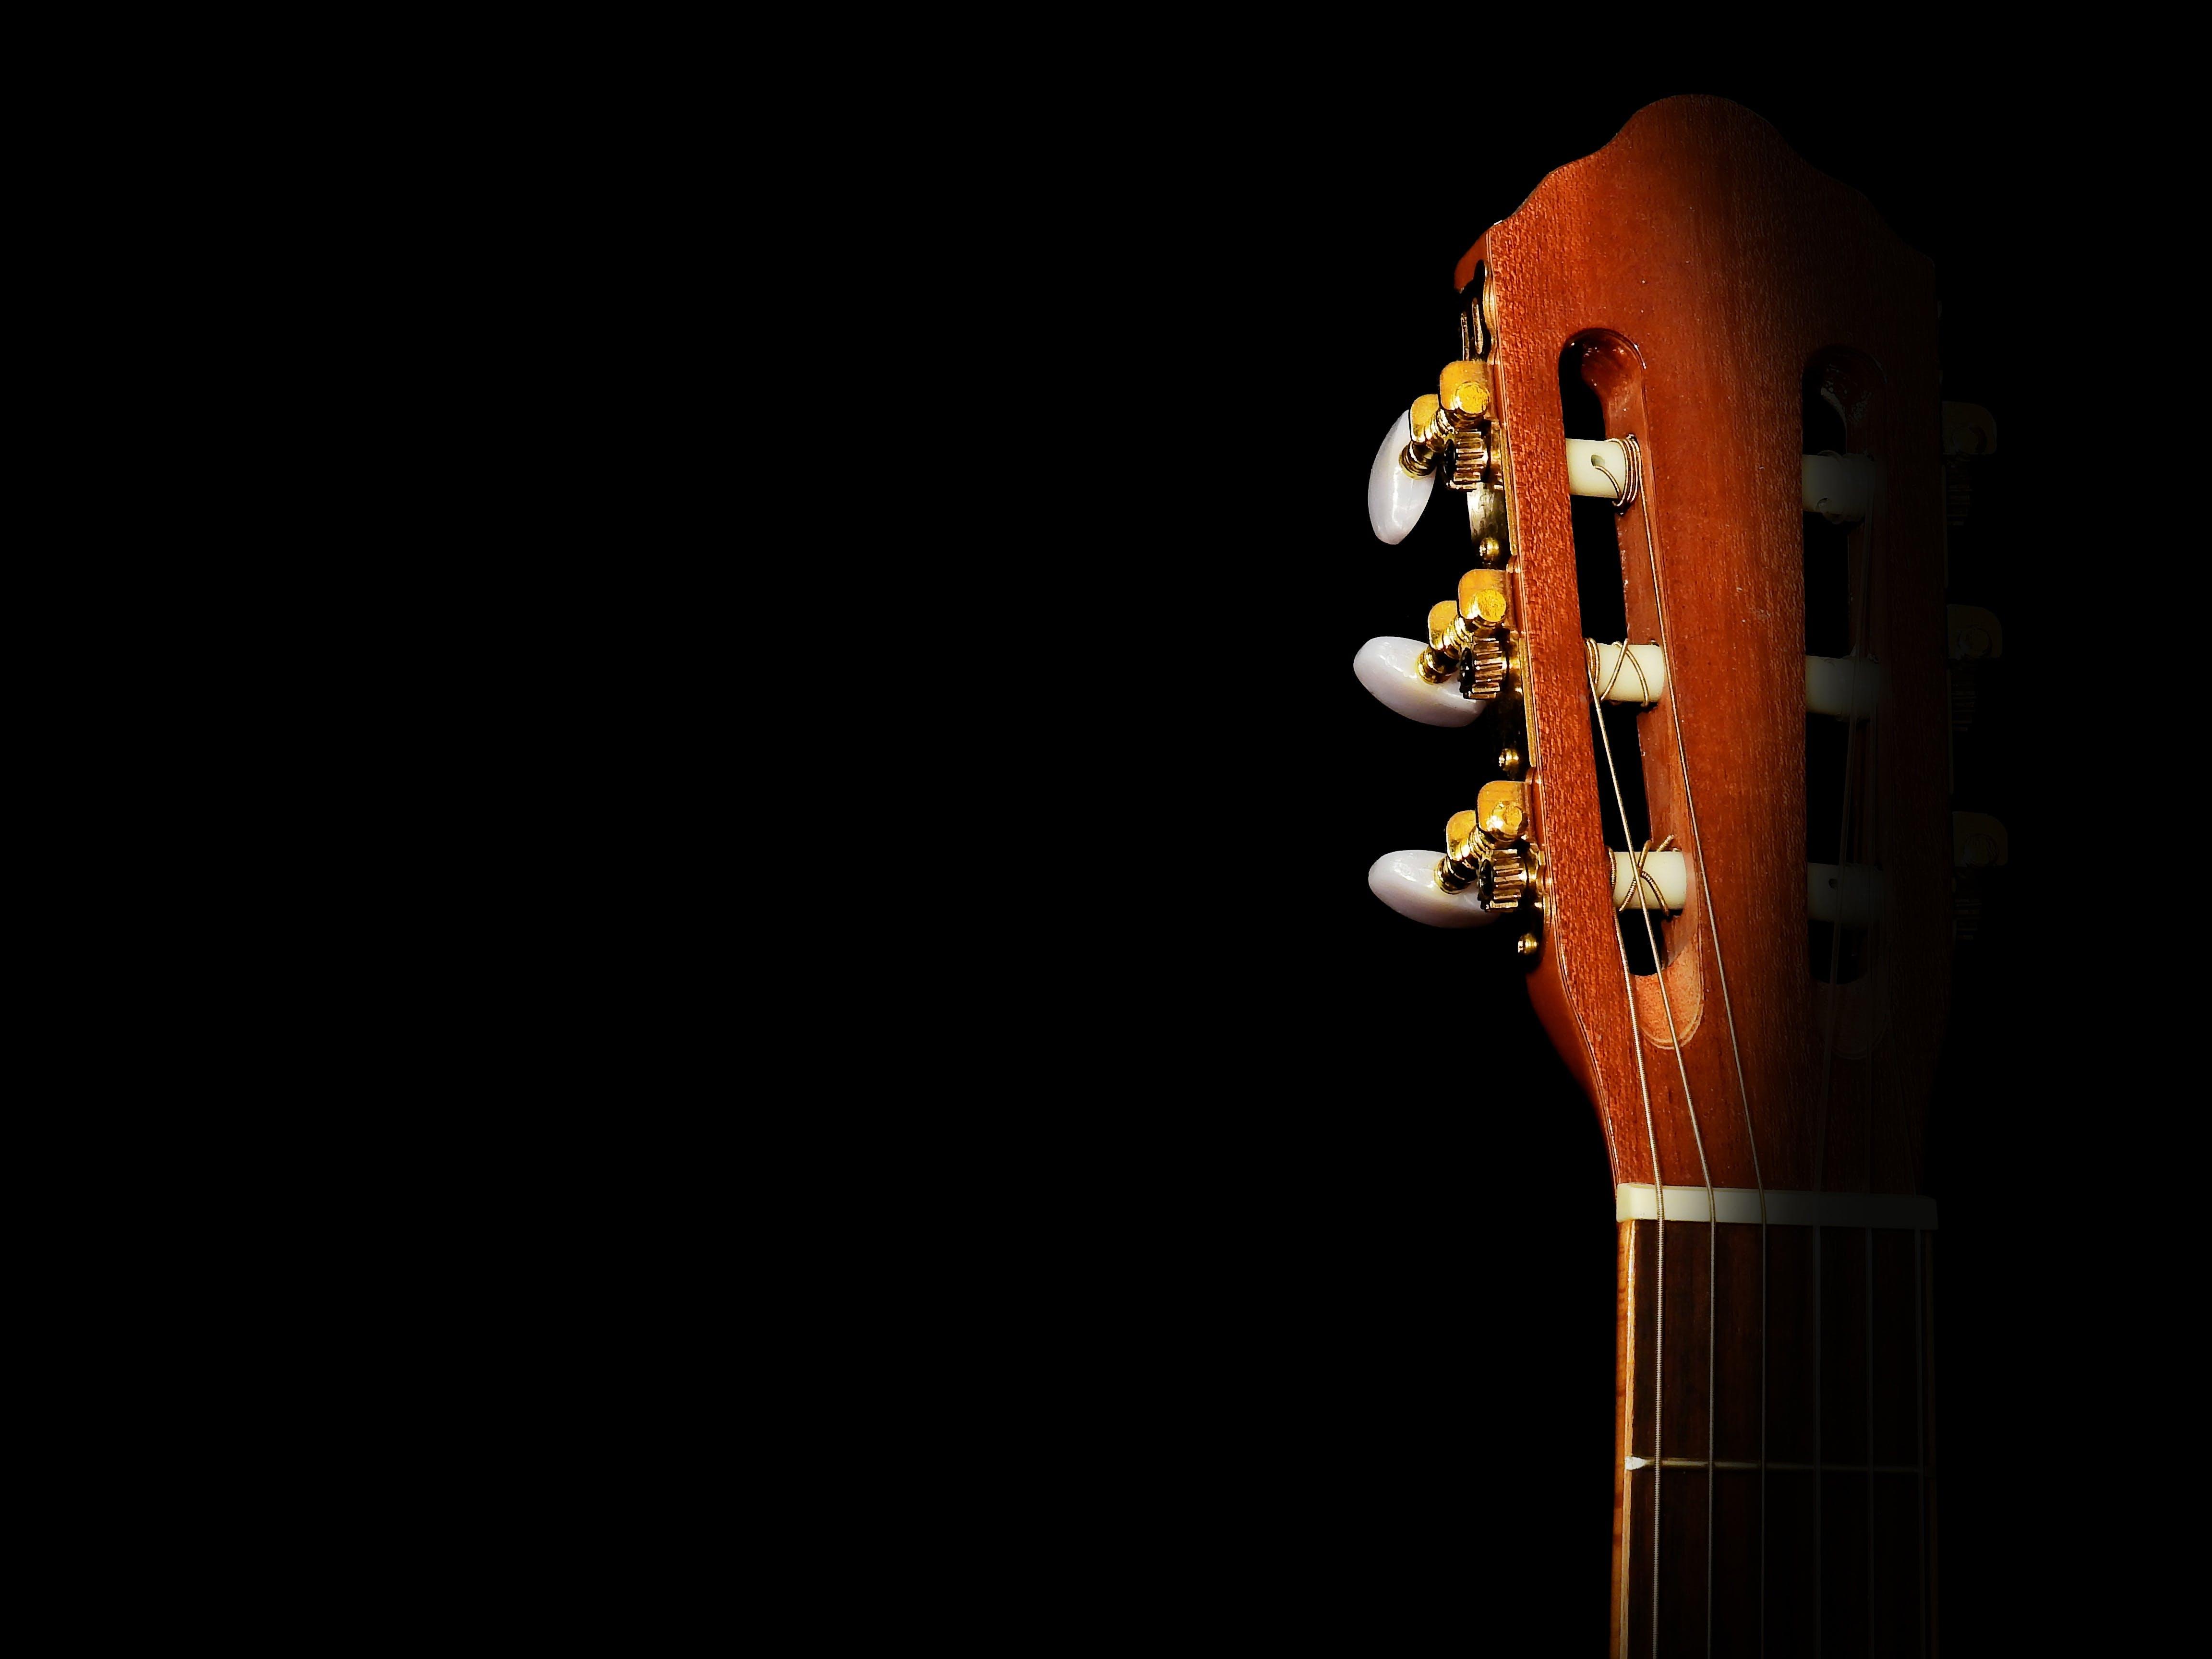 Δωρεάν στοκ φωτογραφιών με γκρο πλαν, έγχορδο, ελαφρύς, κεφαλή κιθάρας